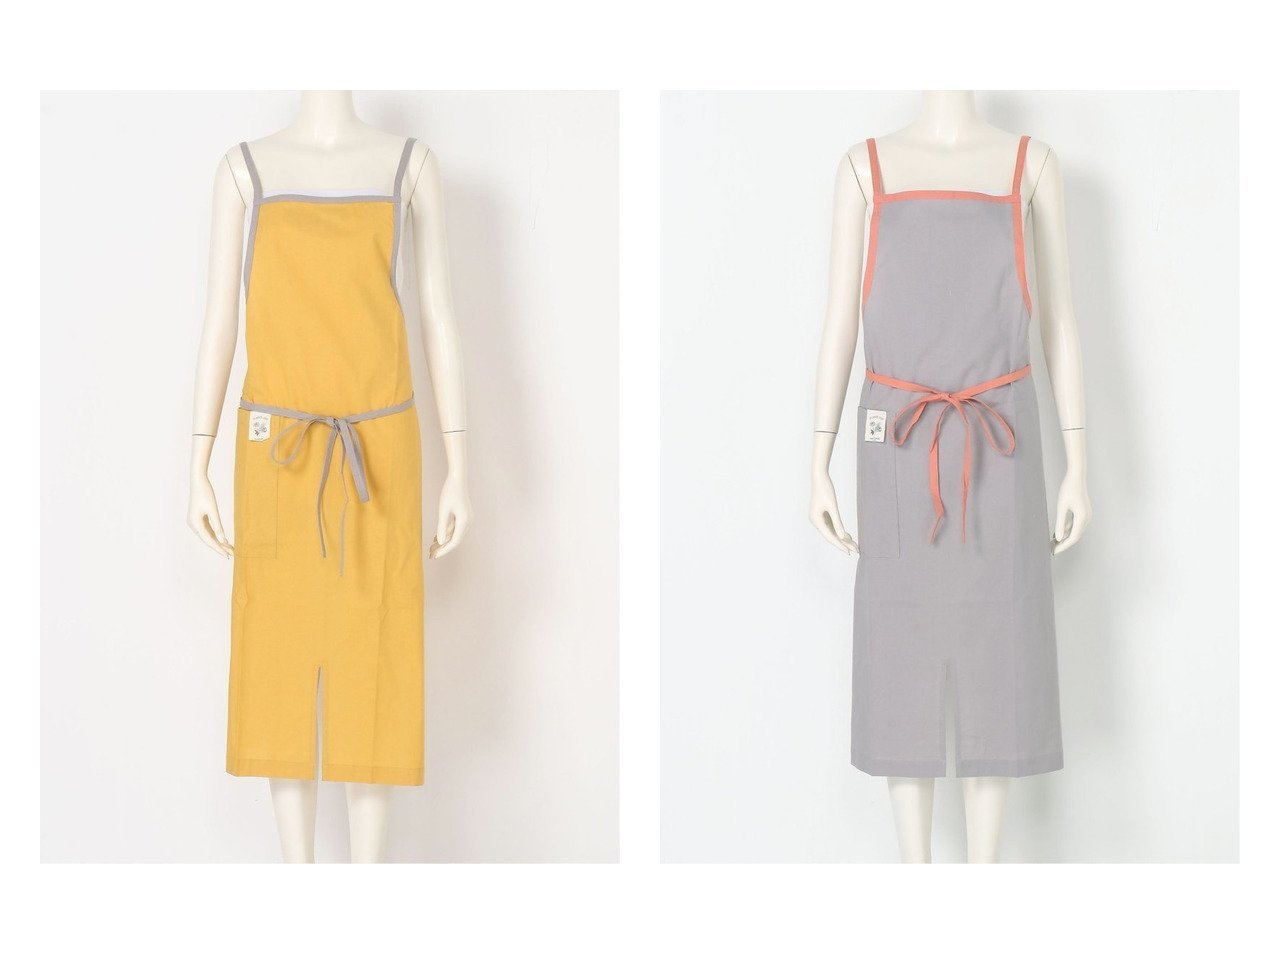 【studio CLIP/スタディオ クリップ】のクサキゾメ AP おすすめ!人気、トレンド・レディースファッションの通販 おすすめで人気の流行・トレンド、ファッションの通販商品 インテリア・家具・メンズファッション・キッズファッション・レディースファッション・服の通販 founy(ファニー) https://founy.com/ スリット ホーム・キャンプ・アウトドア Home,Garden,Outdoor,Camping Gear キッチン・ダイニング Kitchen Dining キッチン収納 Kitchen |ID:crp329100000061692